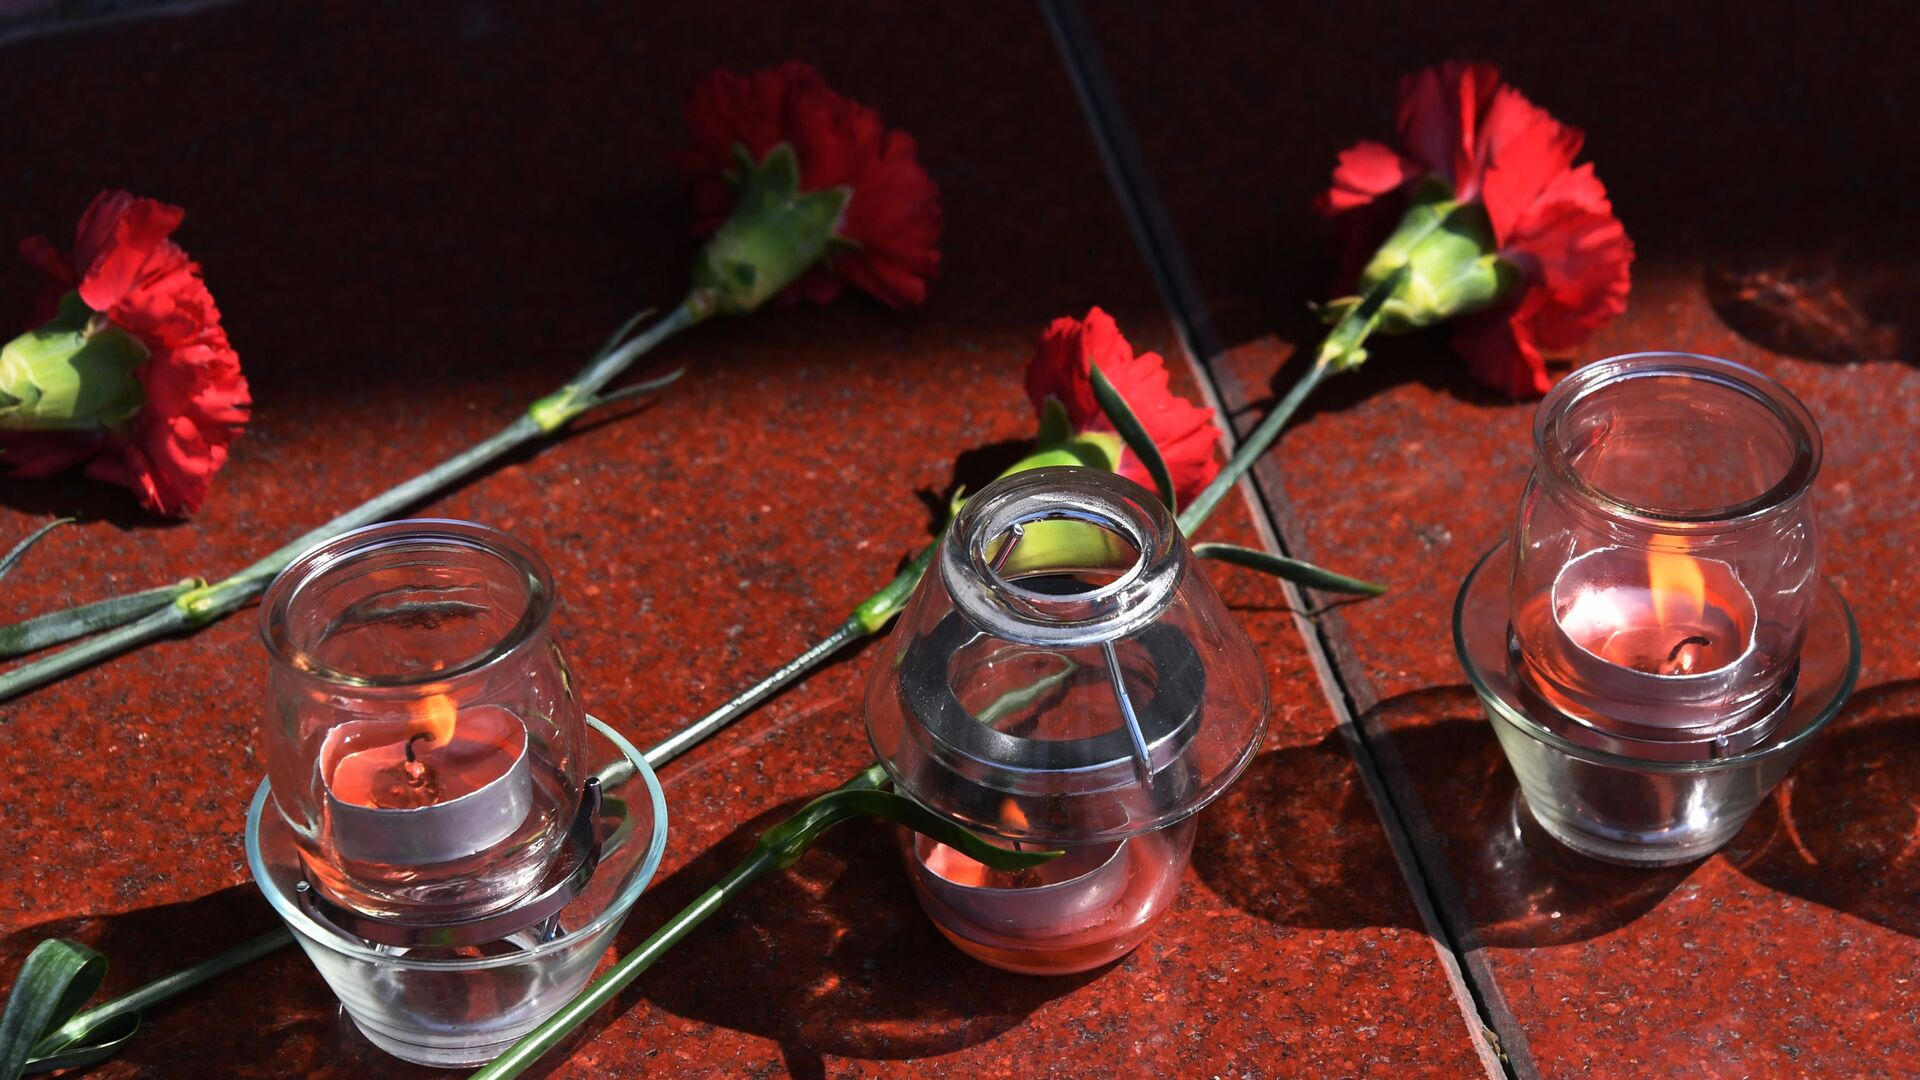 Акция Свеча памяти в городах России - Sputnik Таджикистан, 1920, 27.06.2021